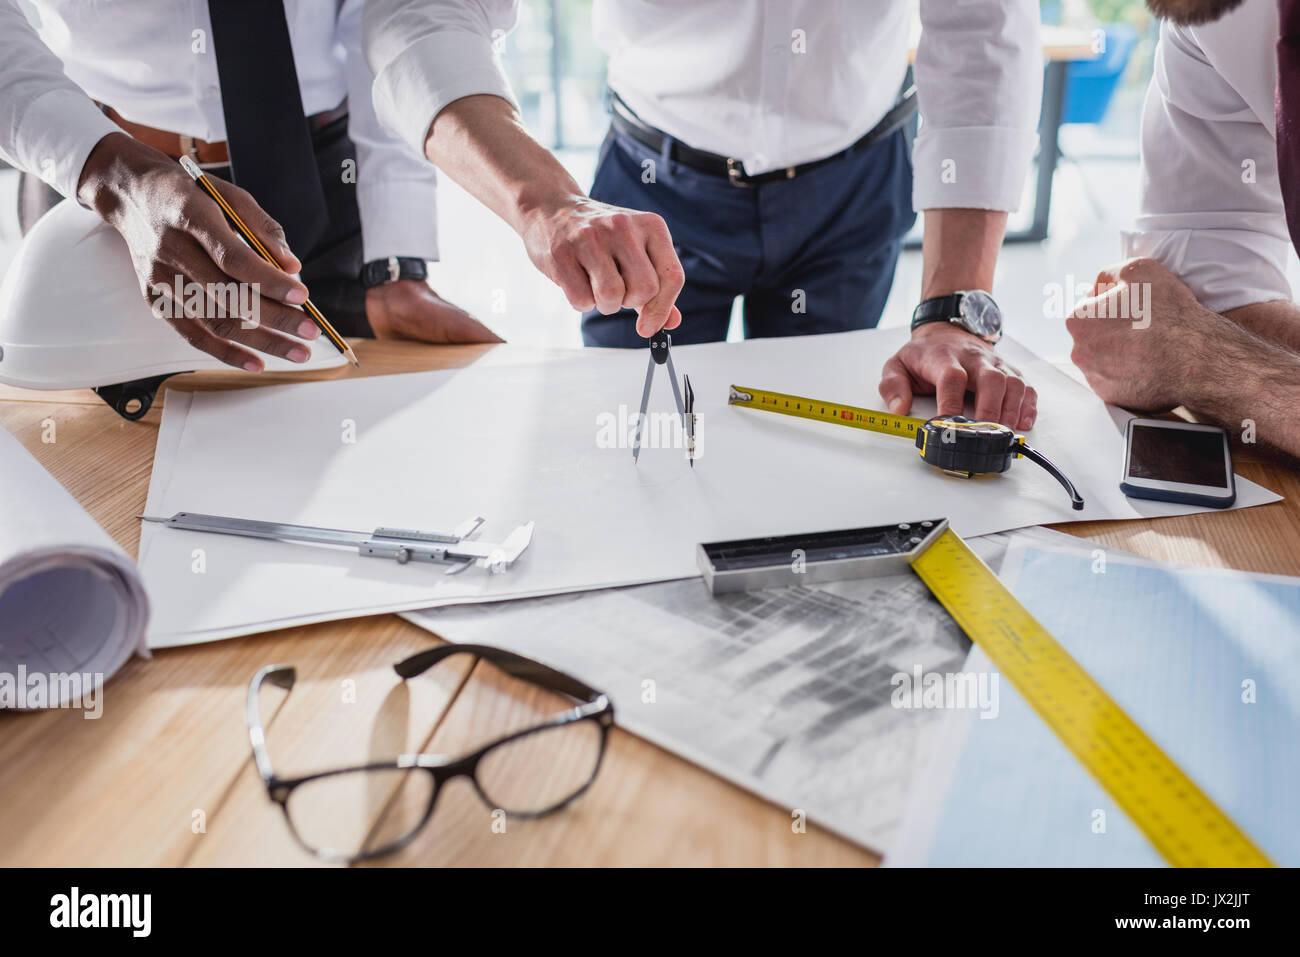 Vista parziale del team di architetti che lavorano a pianificare insieme in un ufficio moderno Immagini Stock